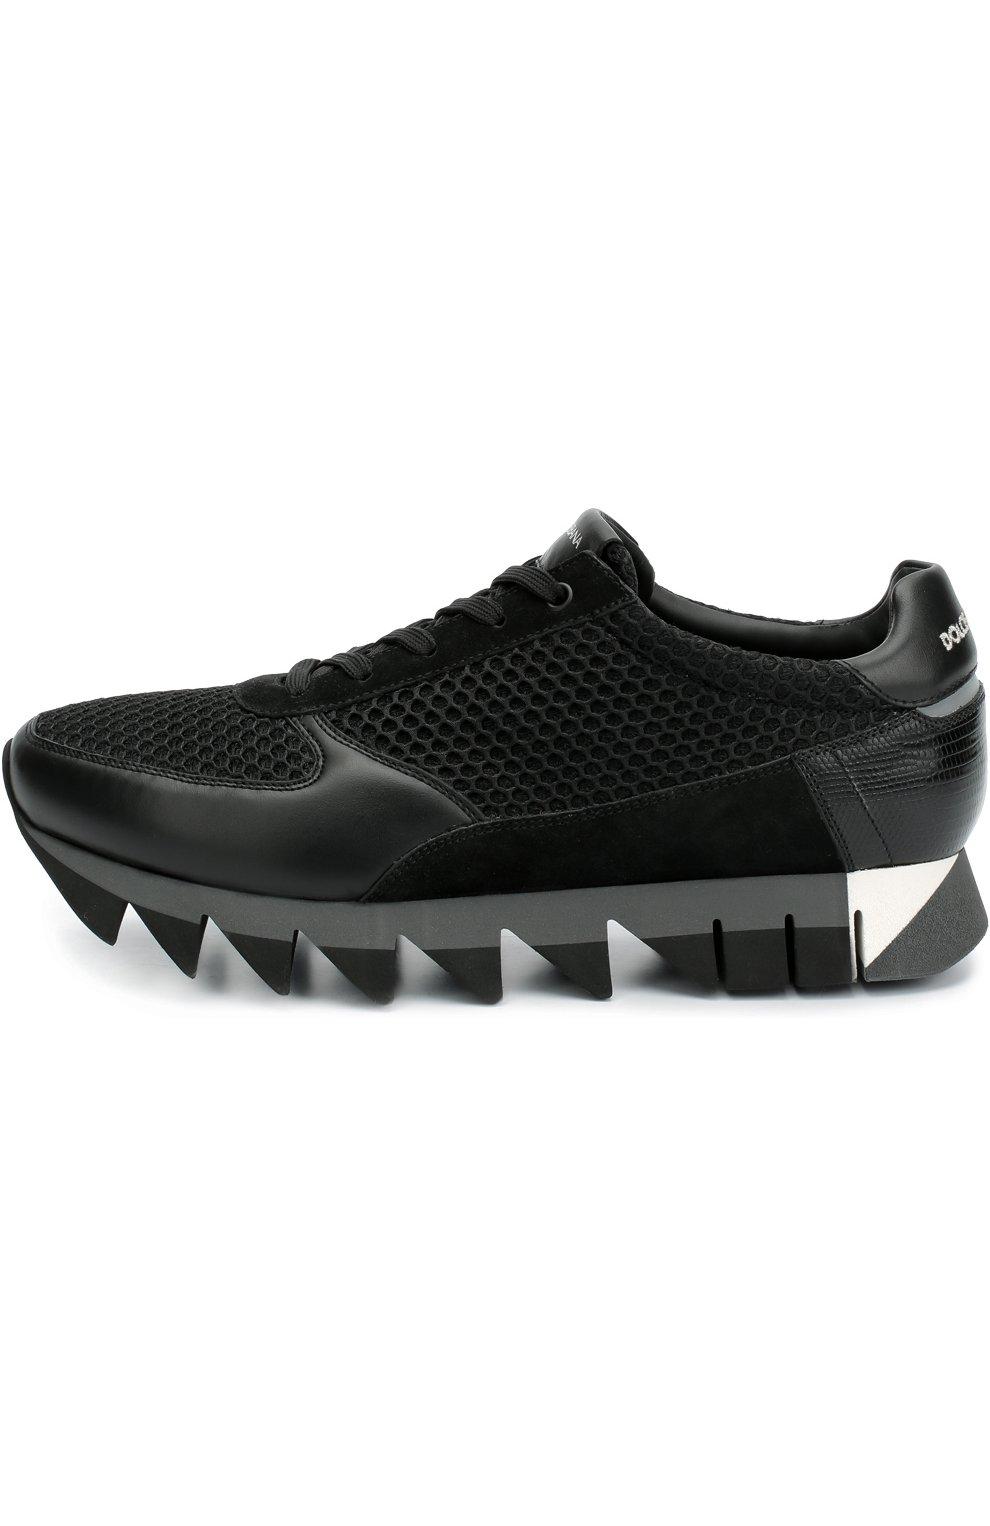 Комбинированные кроссовки Capri на толстой подошве | Фото №1